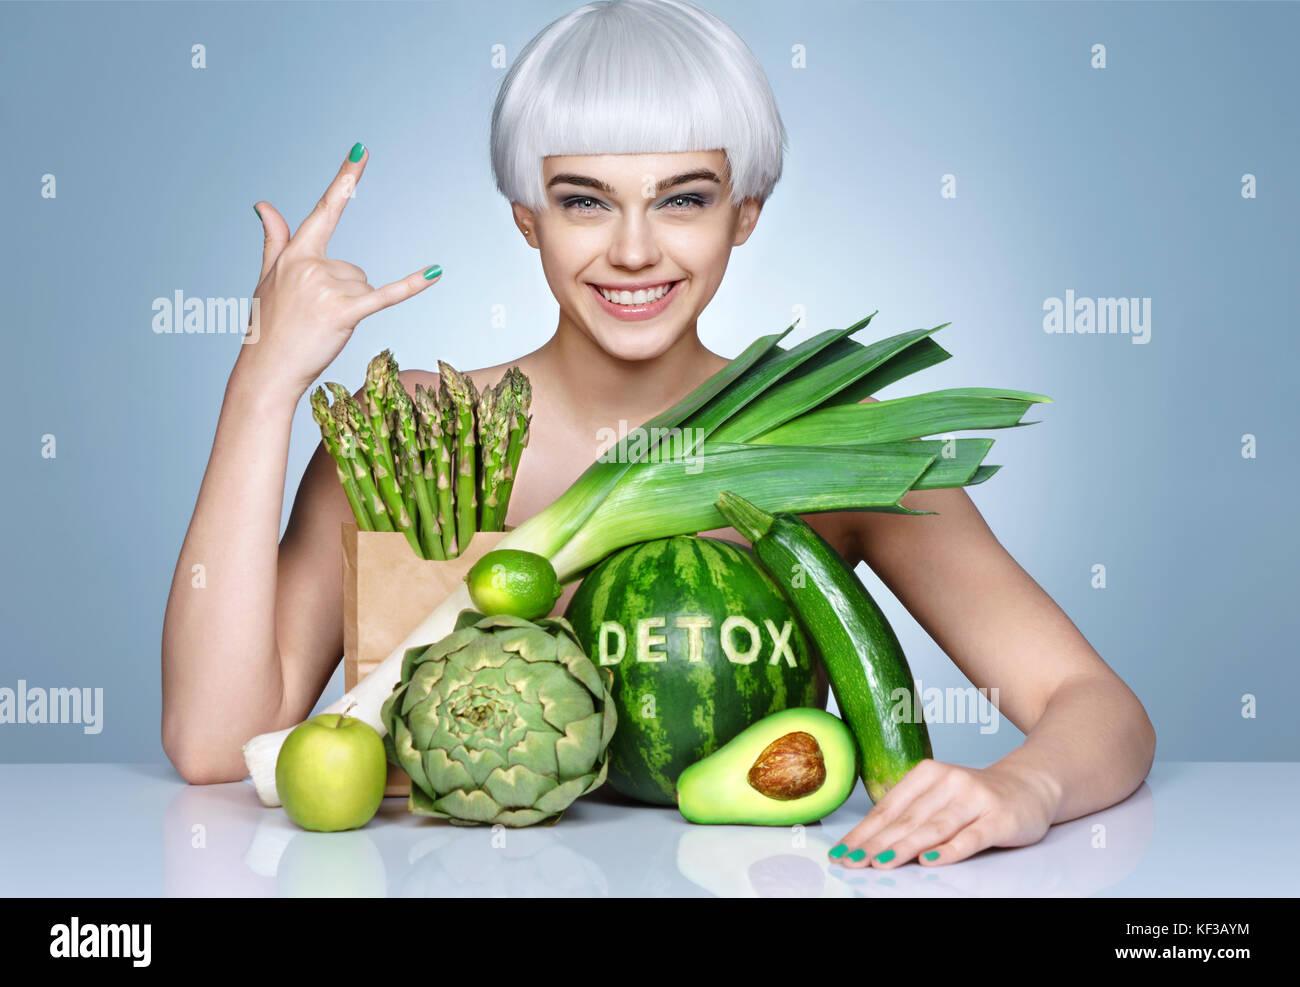 Chica de moda con una abundancia de frutas y verduras. Foto de chica rubia mostrando gesto sonriente 'cool' Imagen De Stock